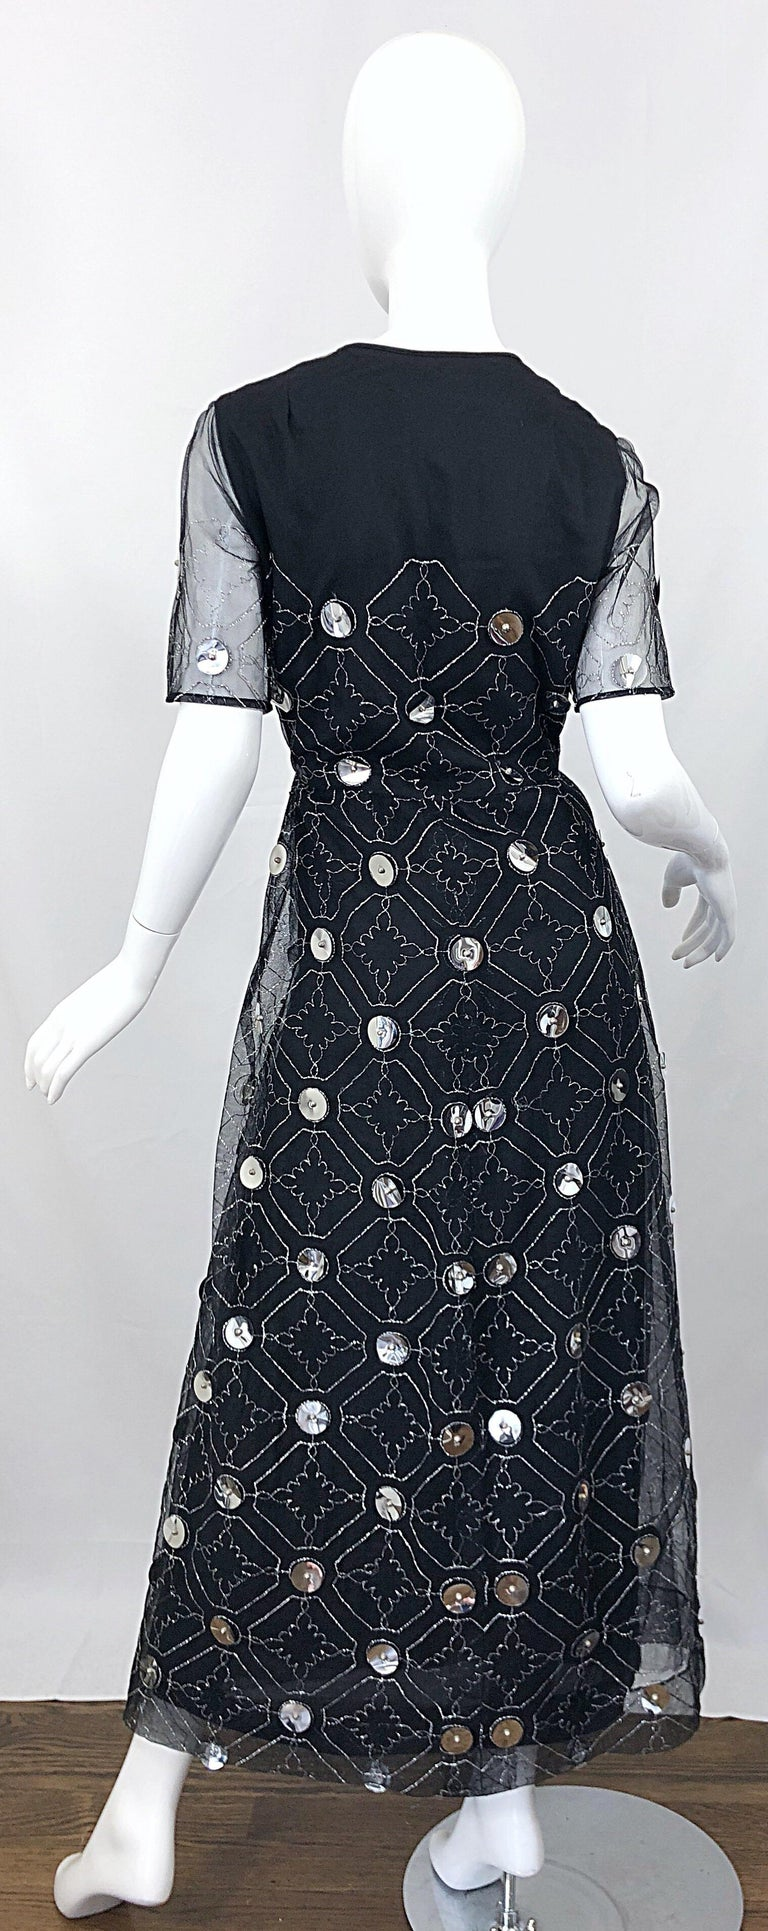 Vintage Oscar de la Renta Sz 10 1970s Black Tulle + Silver Pailletes 70s Gown For Sale 1